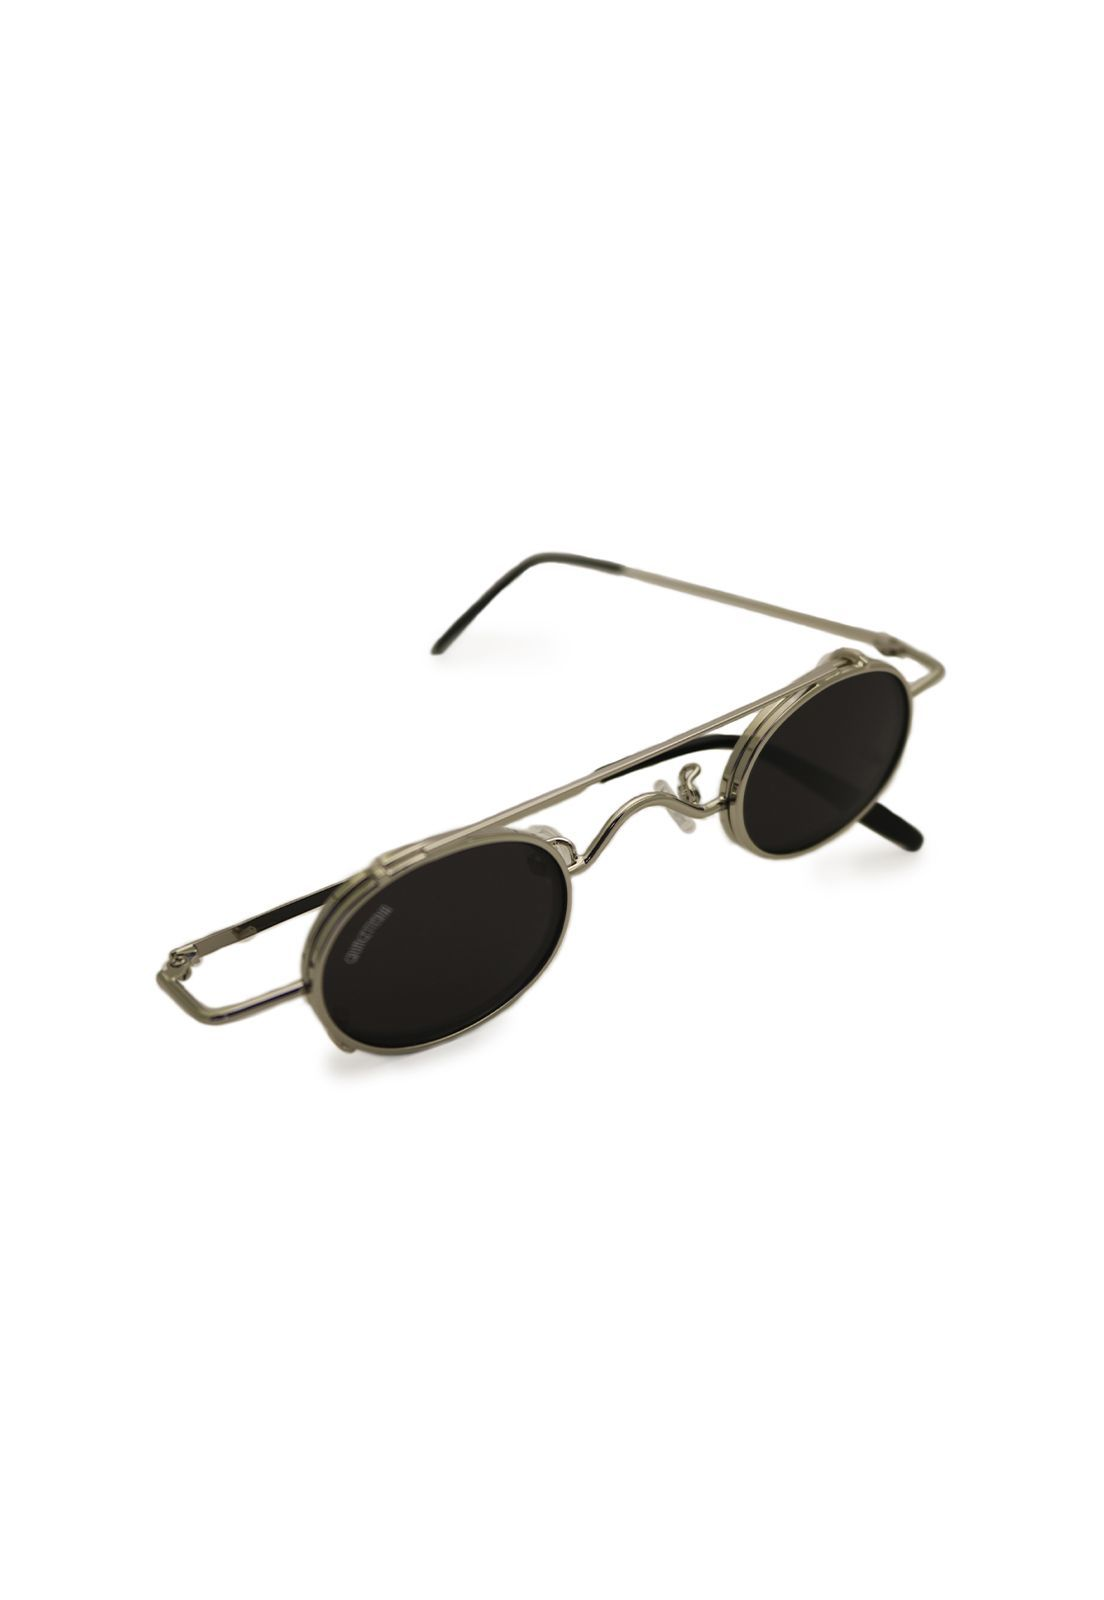 Óculos de Sol Grungetteria Miami Vice Prata